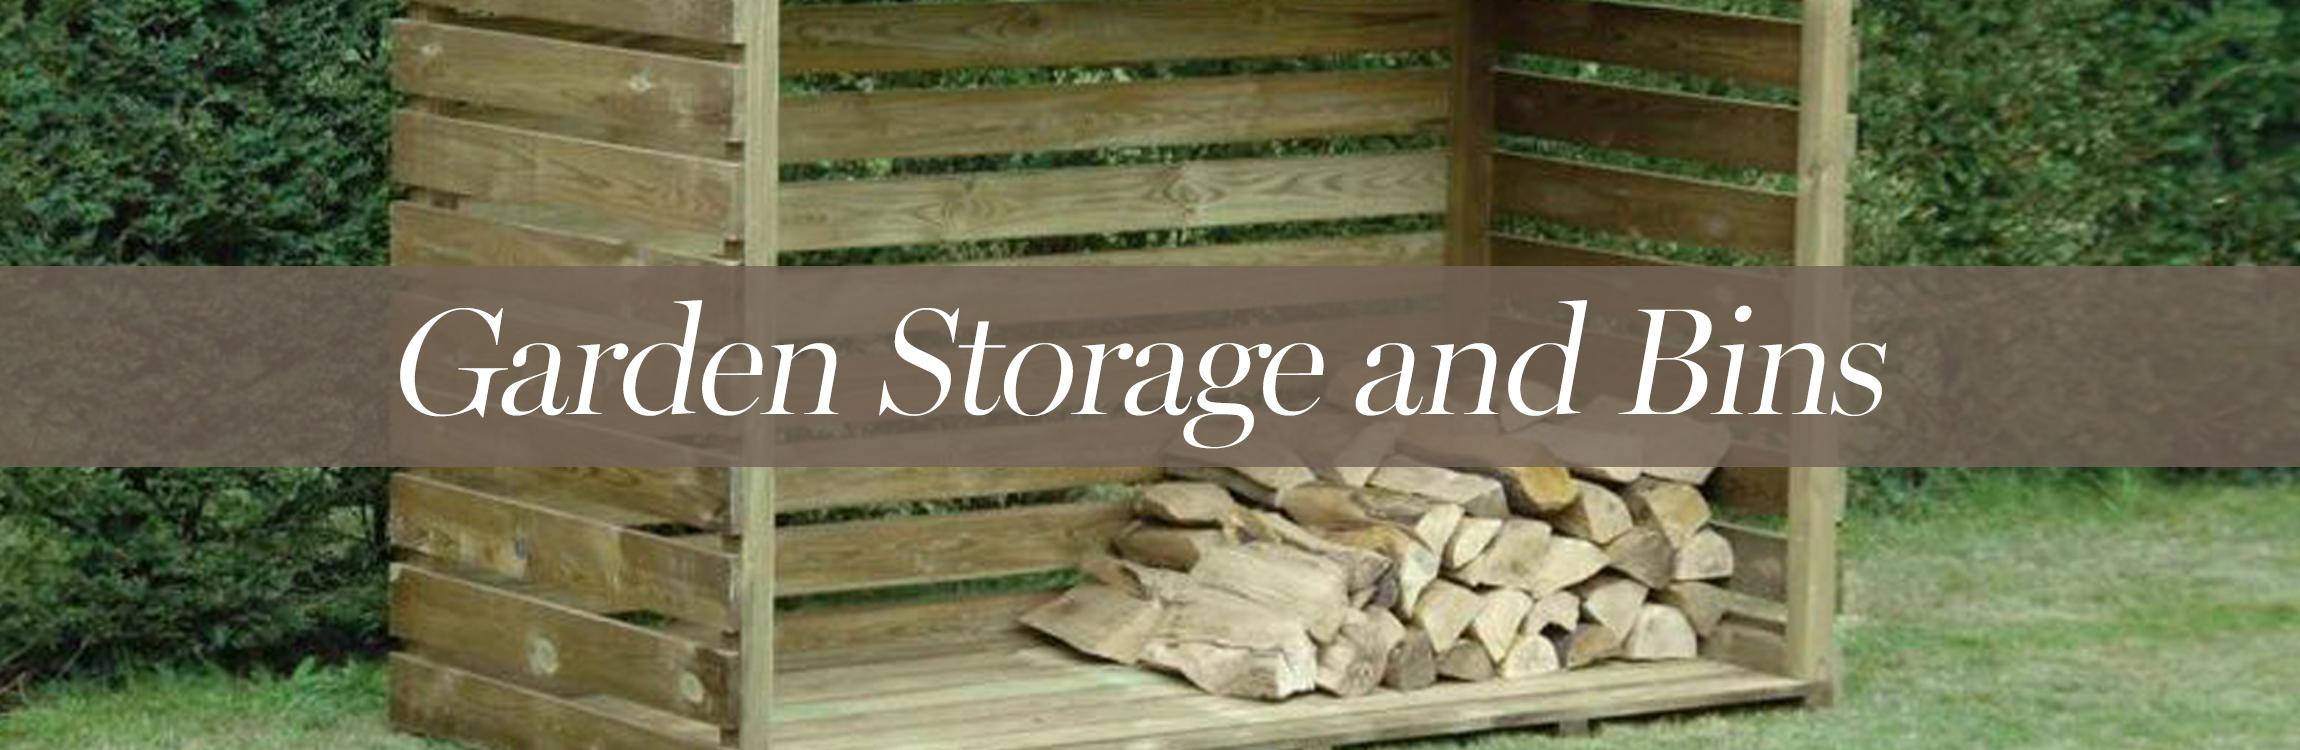 Garden Storage and Bins